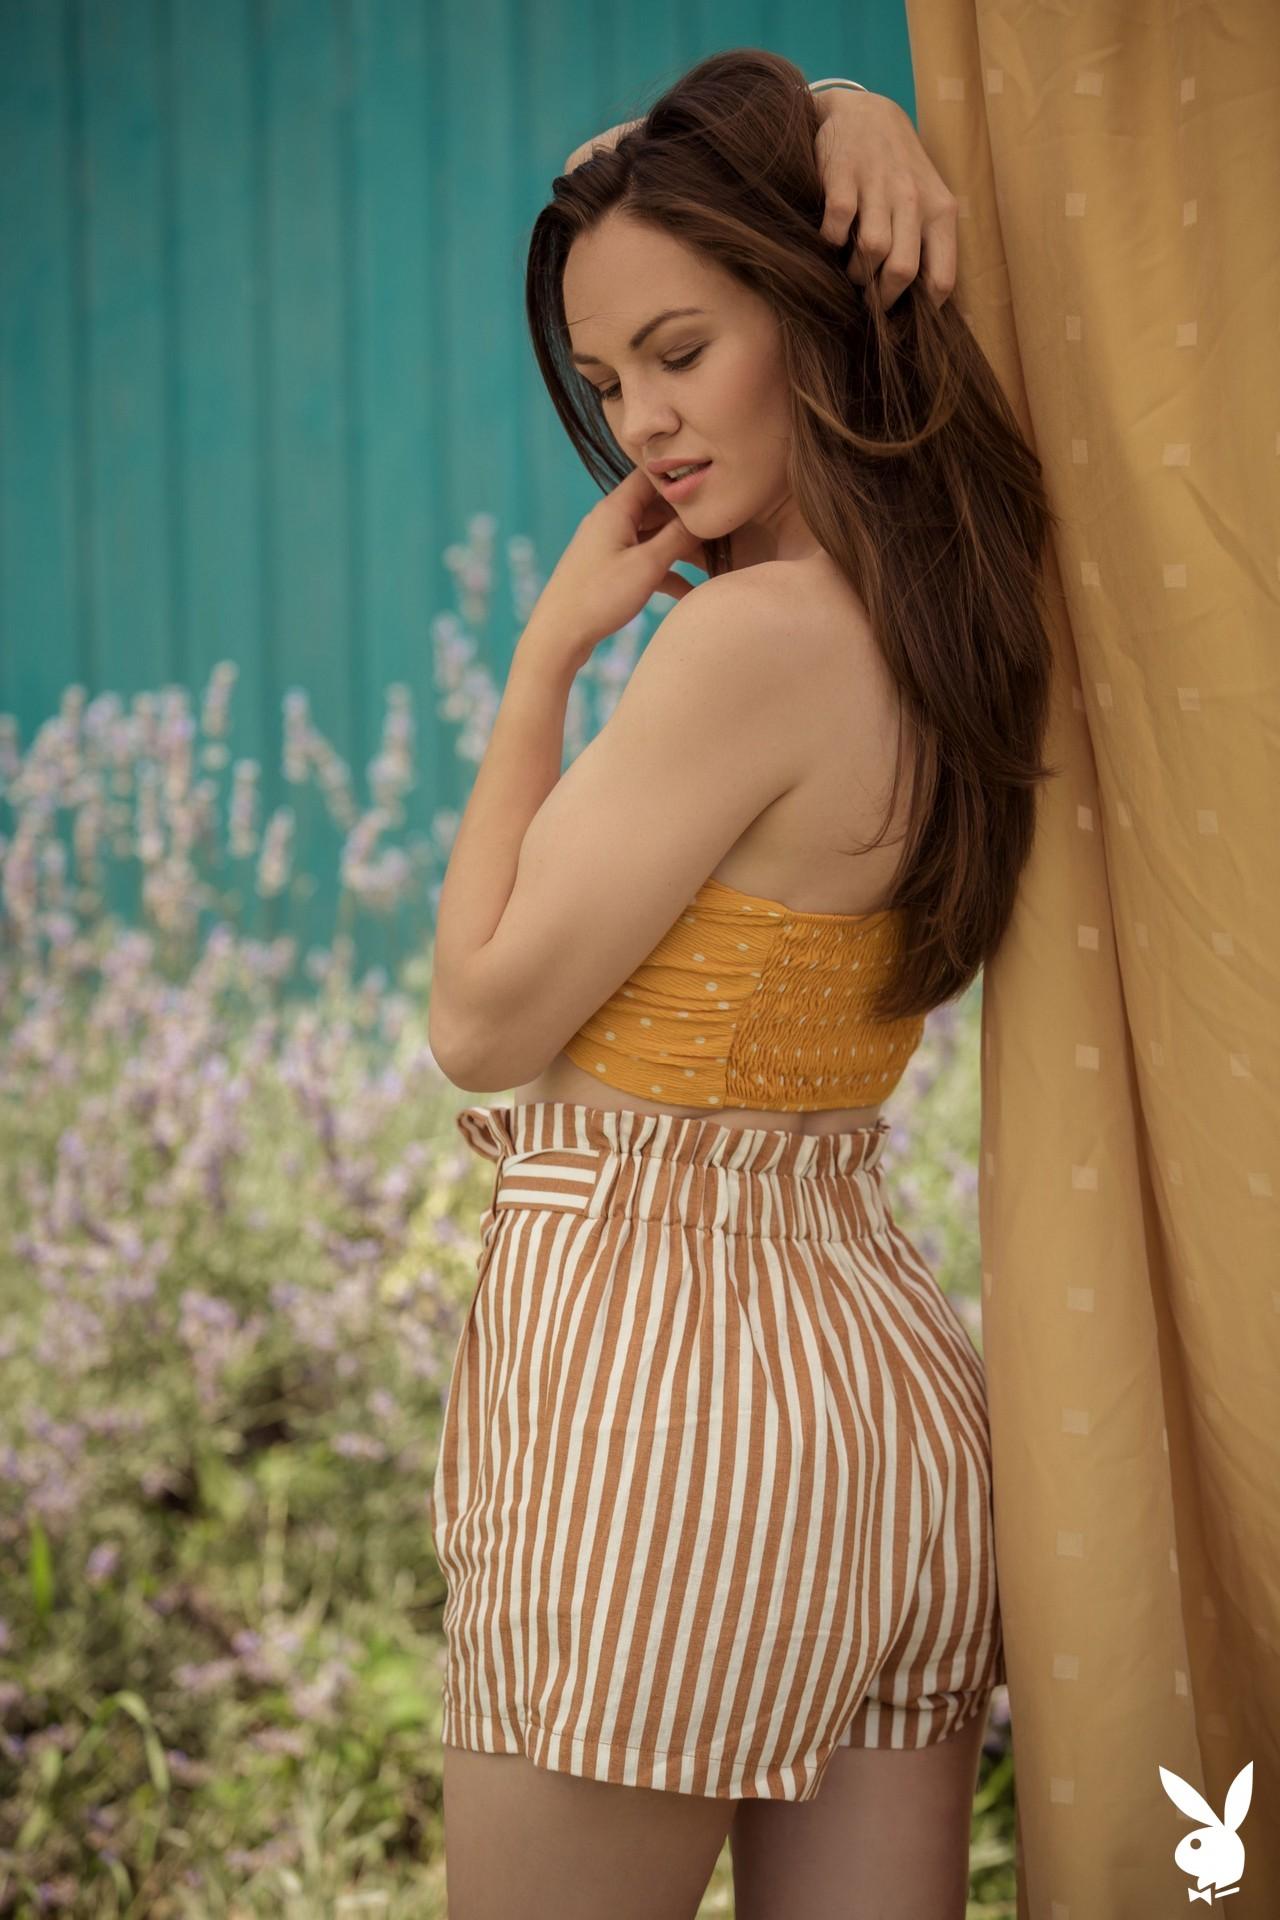 Rita Y In Bright Smile Playboy Plus (1)